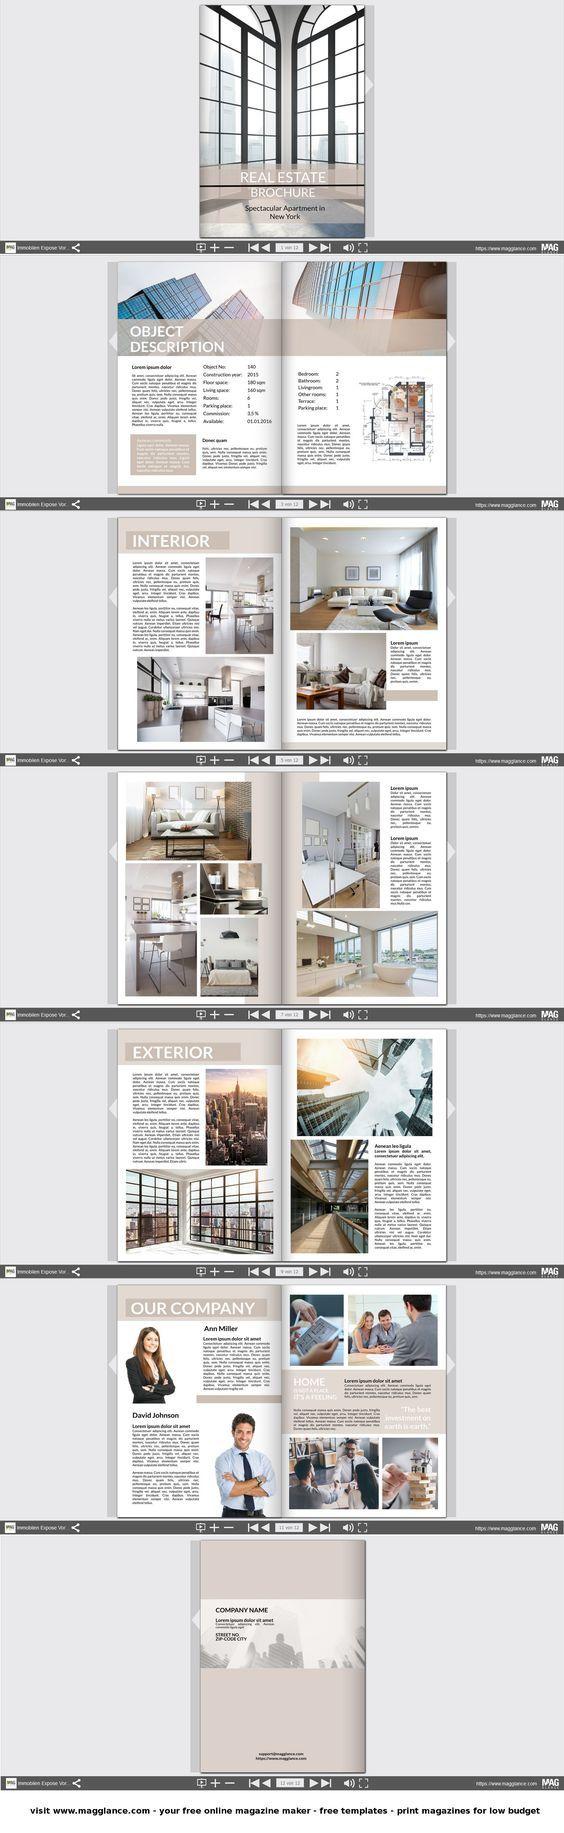 Crea descrizione di beni immobili gratis online e stampa a un prezzo conveniente su https://it.magglance.com/descrizione-di-beni-immobili/crea-descrizione-di-beni-immobili #descrizione beni immobili #agente immobiliare #template #design #modello #esempio #progetta #crea #layout